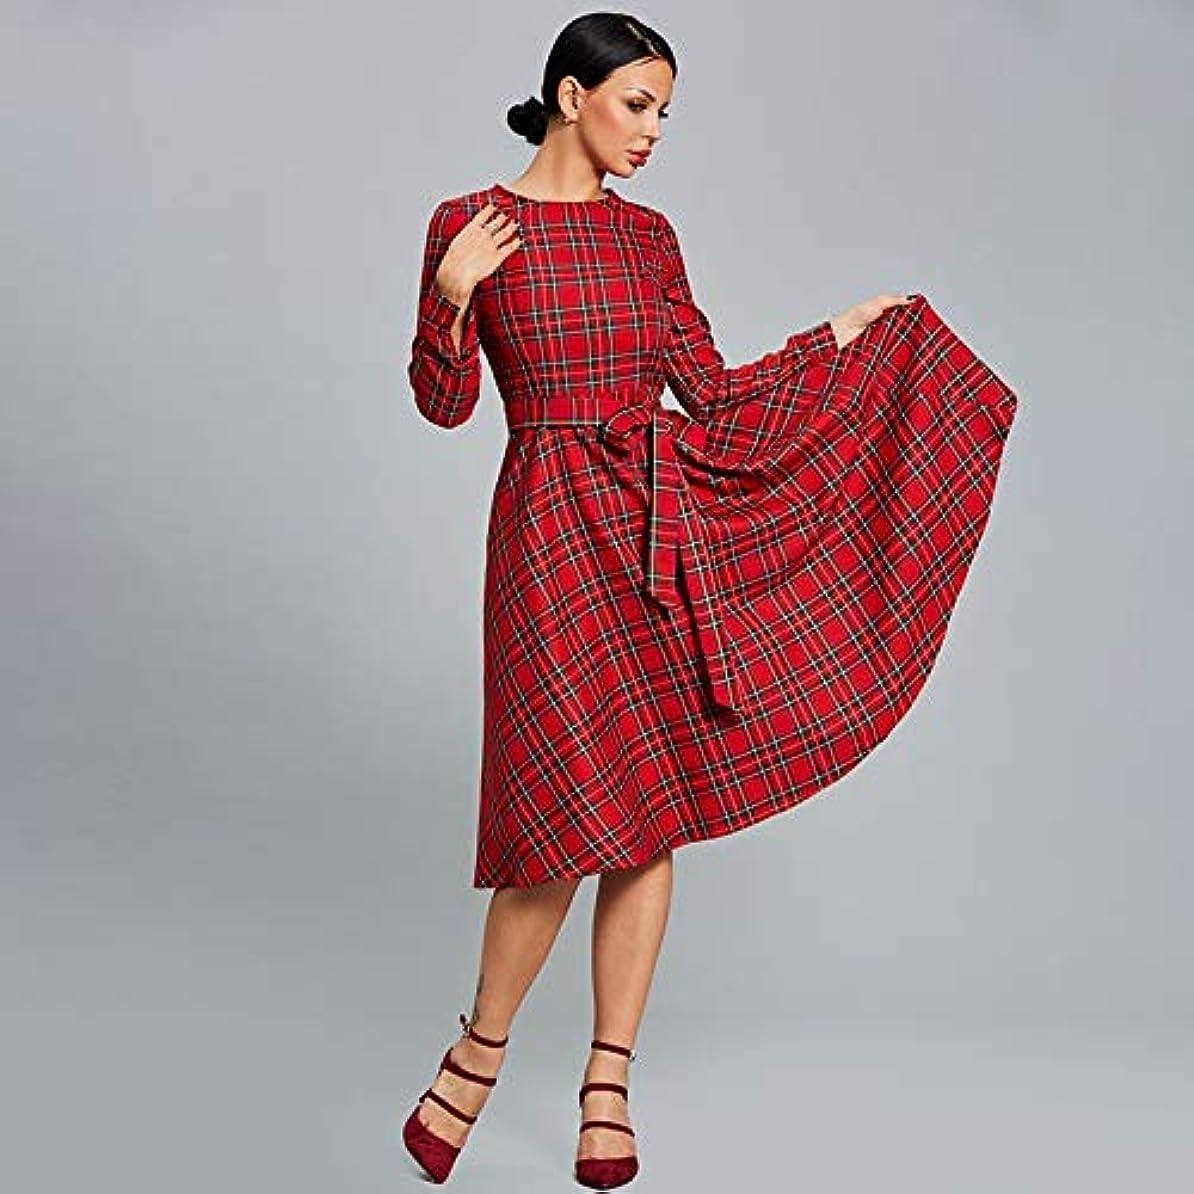 キャンパス暴力的な世紀Onderroa - 女性のドレス秋のタータンチェックレッドパーティードレスOネックロングスリーブパッチワークラインデー2018女性の厚いヴィンテージドレス